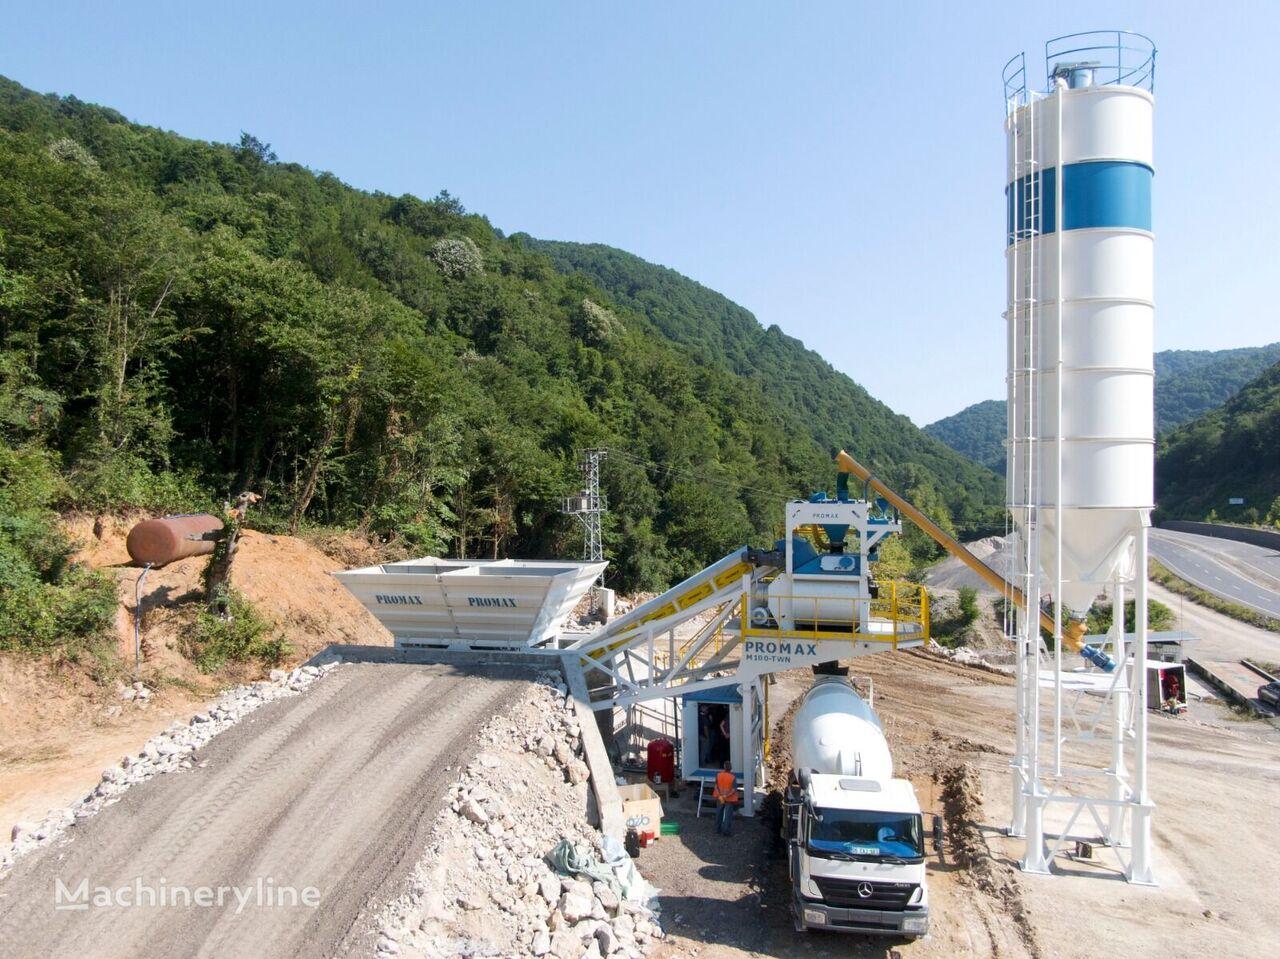 PROMAX Planta de Hormigón Móvil M100-TWN (100m³/h) planta de hormigón nueva